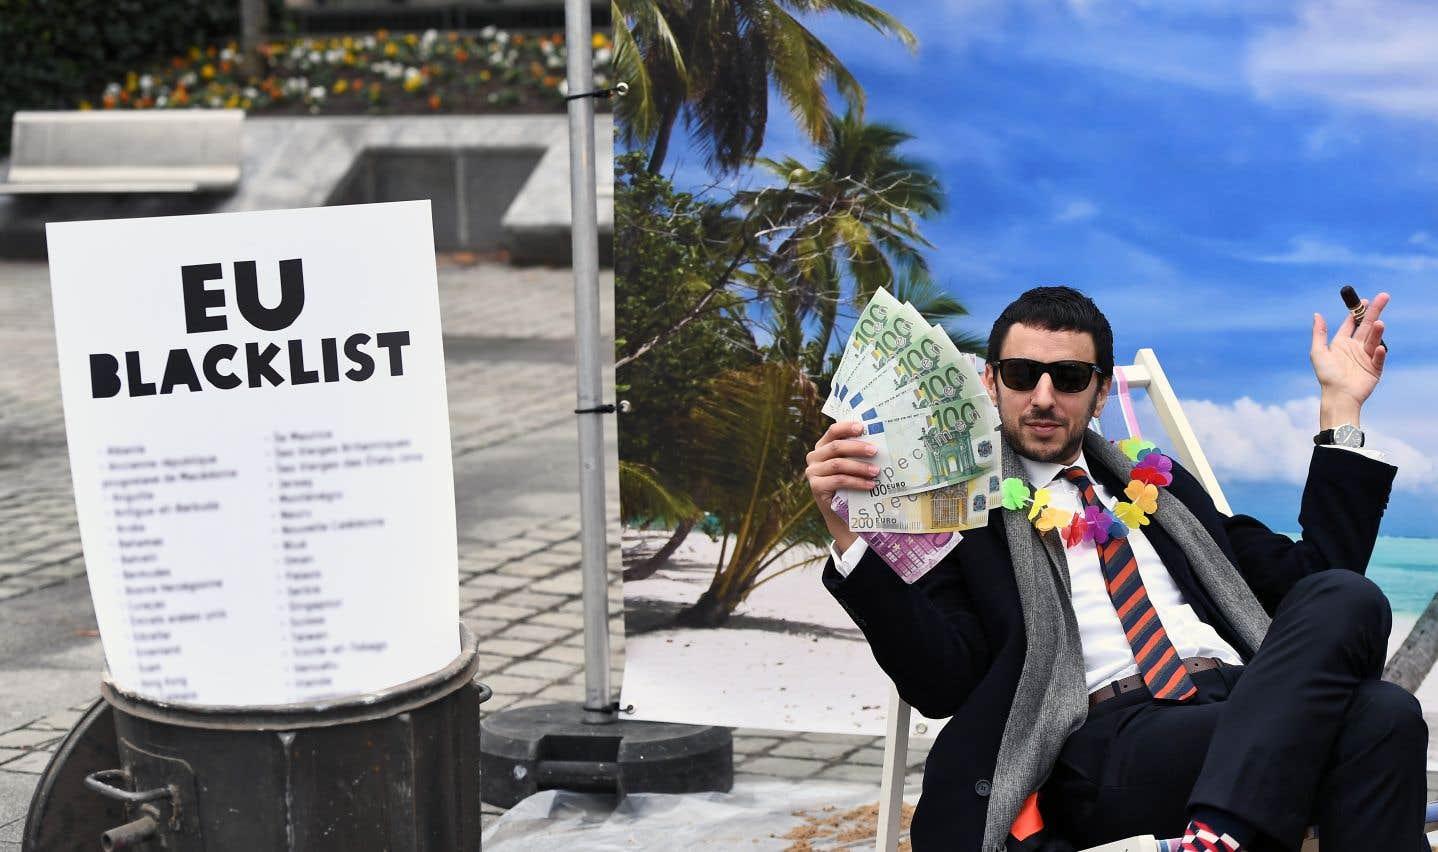 Des militants d'Oxfam ont manifesté à Bruxelles, le 5 décembre dernier, quand l'Union européenne a adopté la première mouture de la liste.